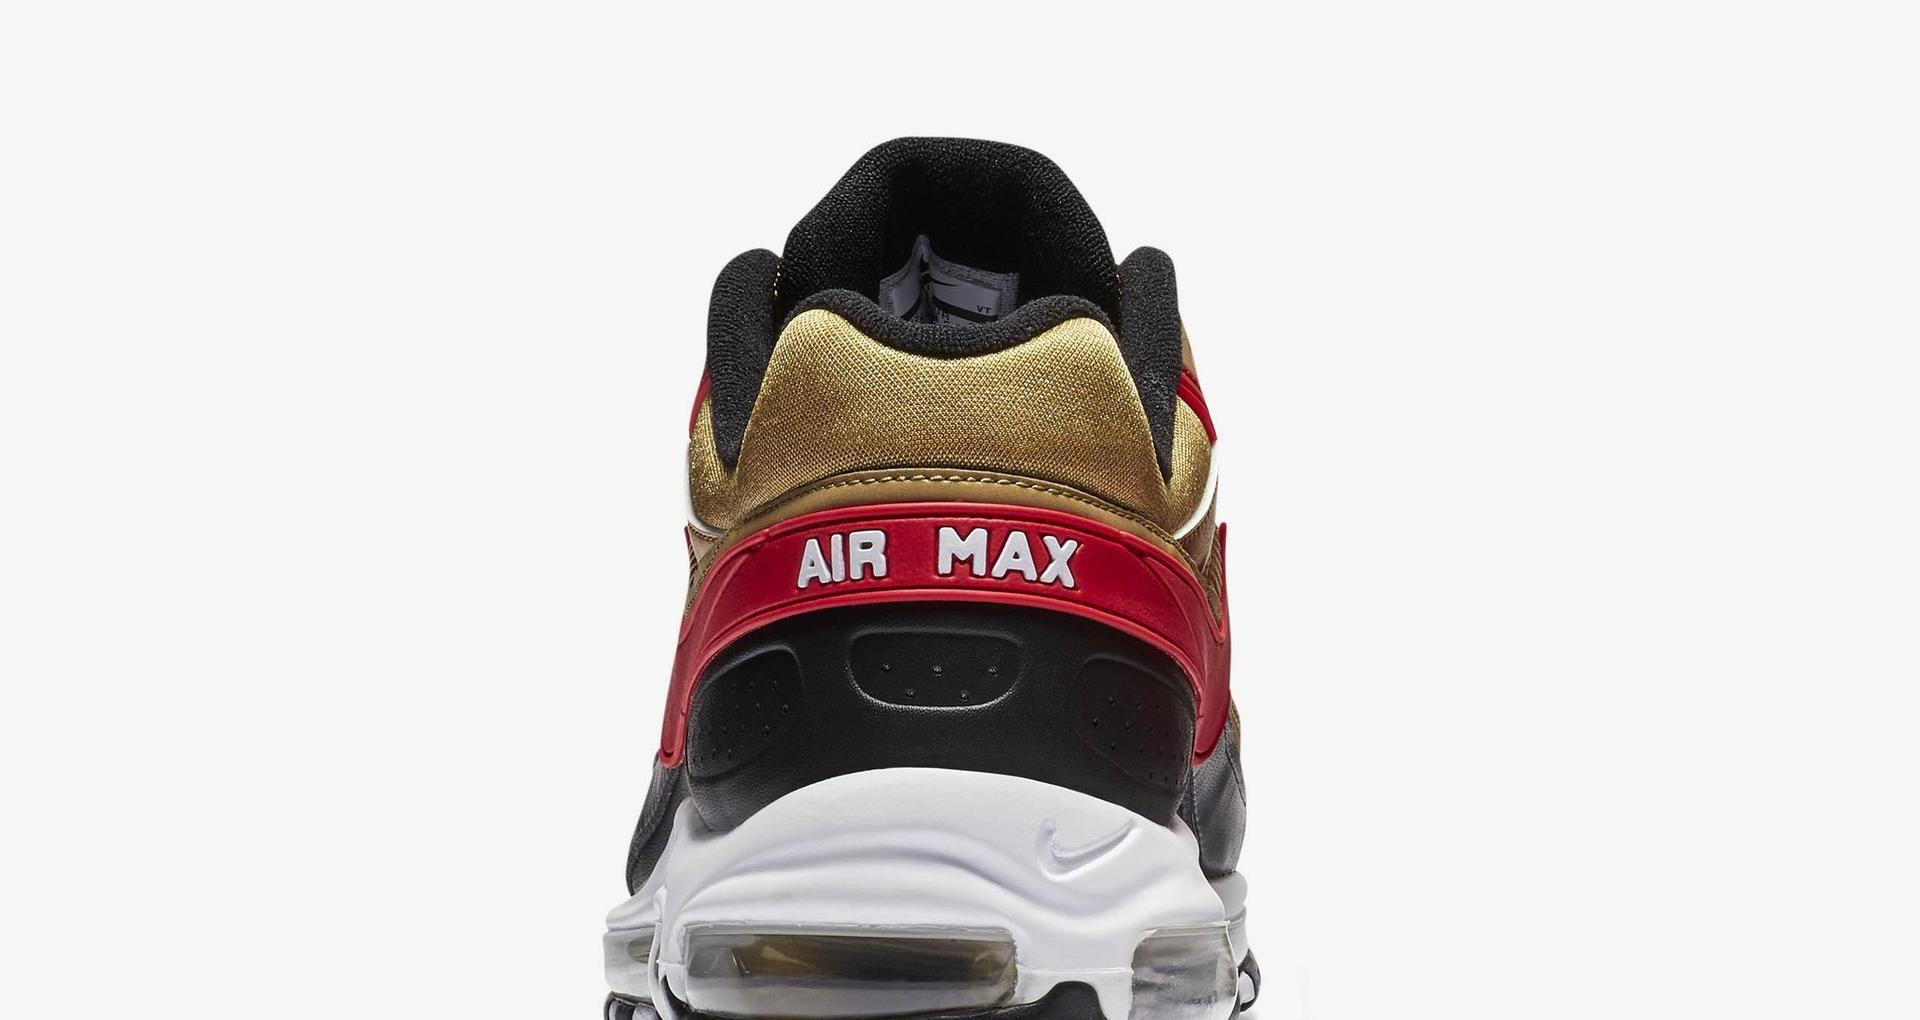 Nike Air Max 97BW 'Metallic Gold & Black & University Red